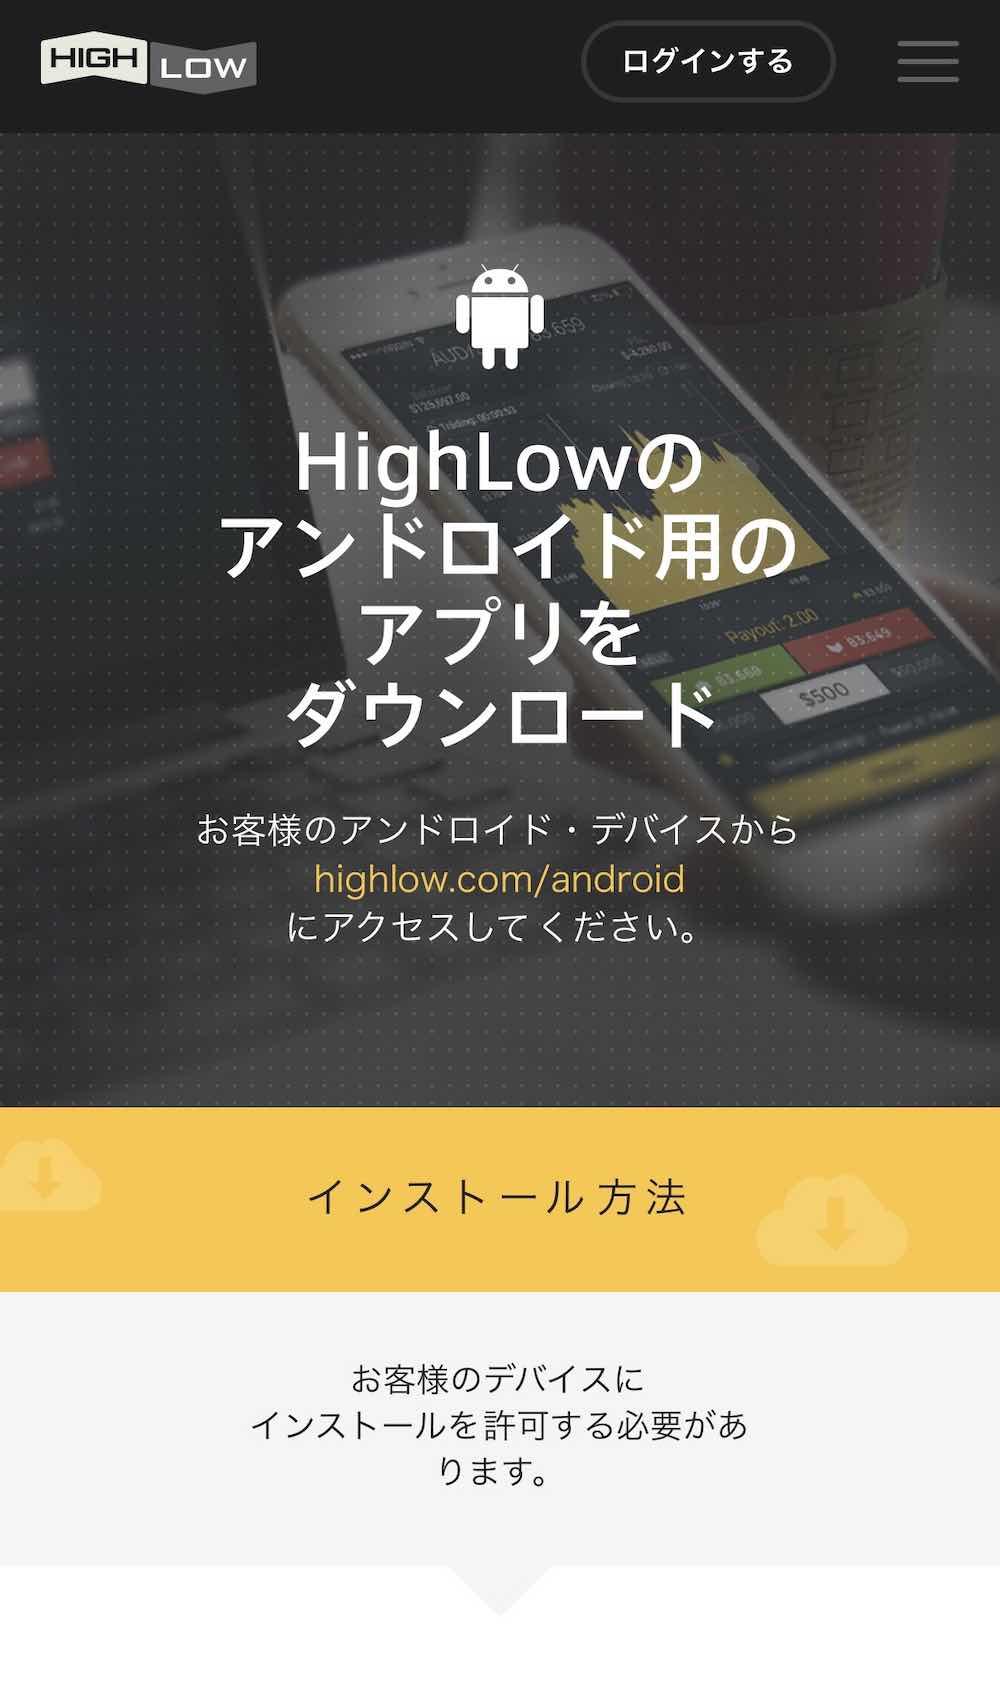 ハイローオーストラリアのAndroid版アプリをダウンロードする方法7